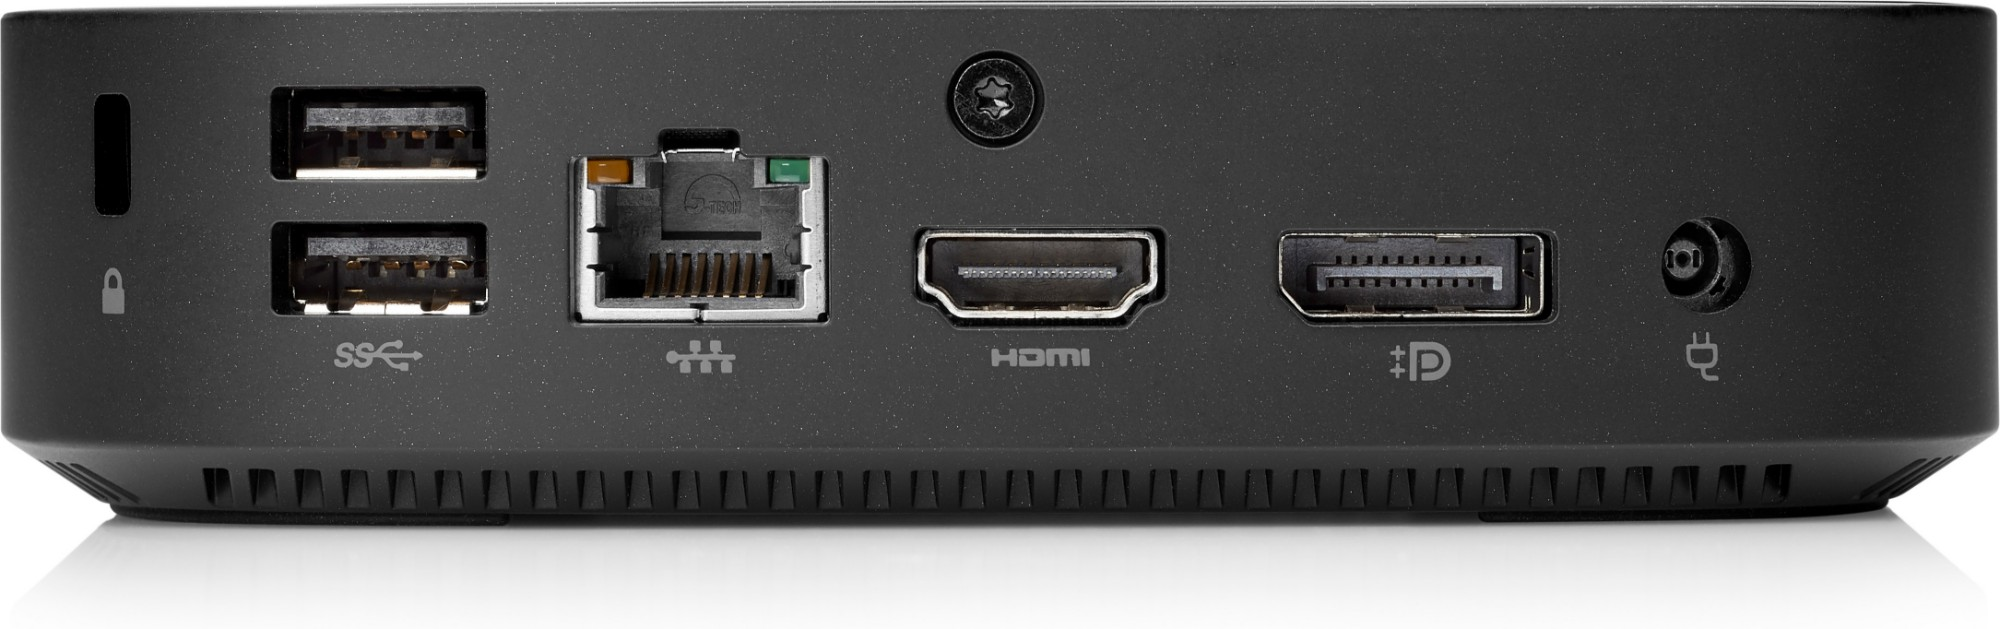 HP t430 1.1 GHz N4000 Black 740 g 3VL71AA#ABU